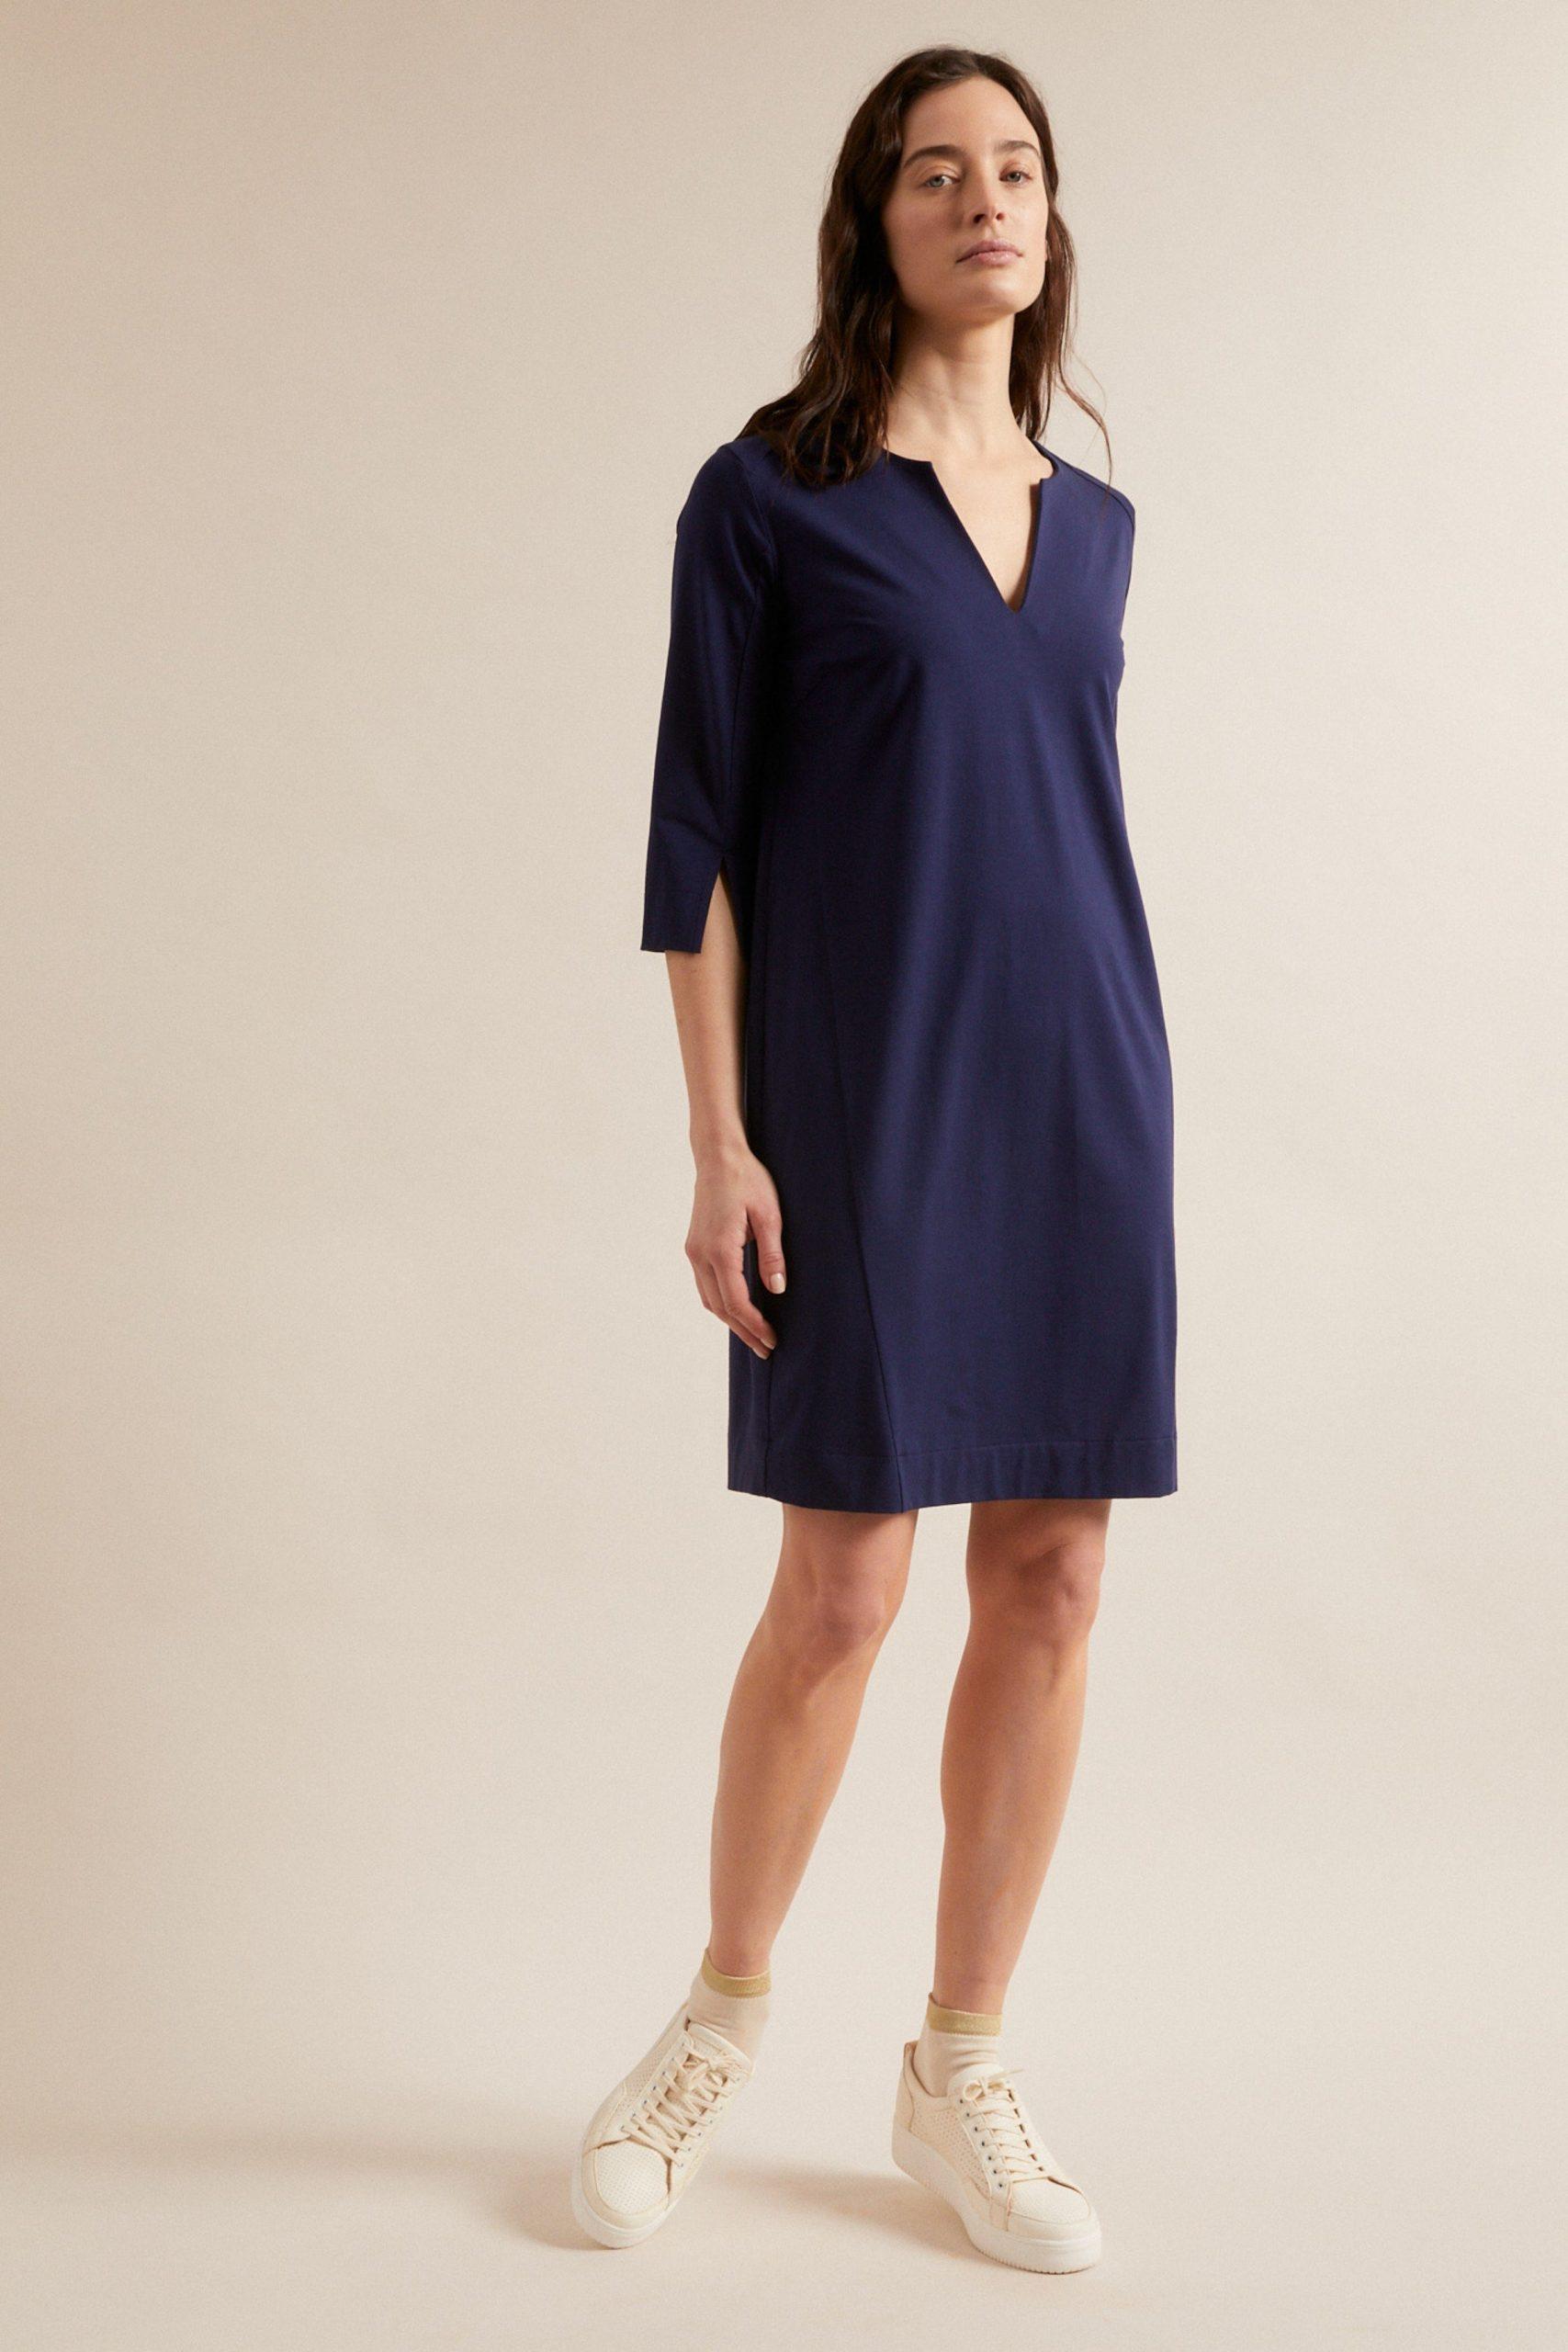 Lanius Kleid Mit Ärmelschlitz Blau  Loveco